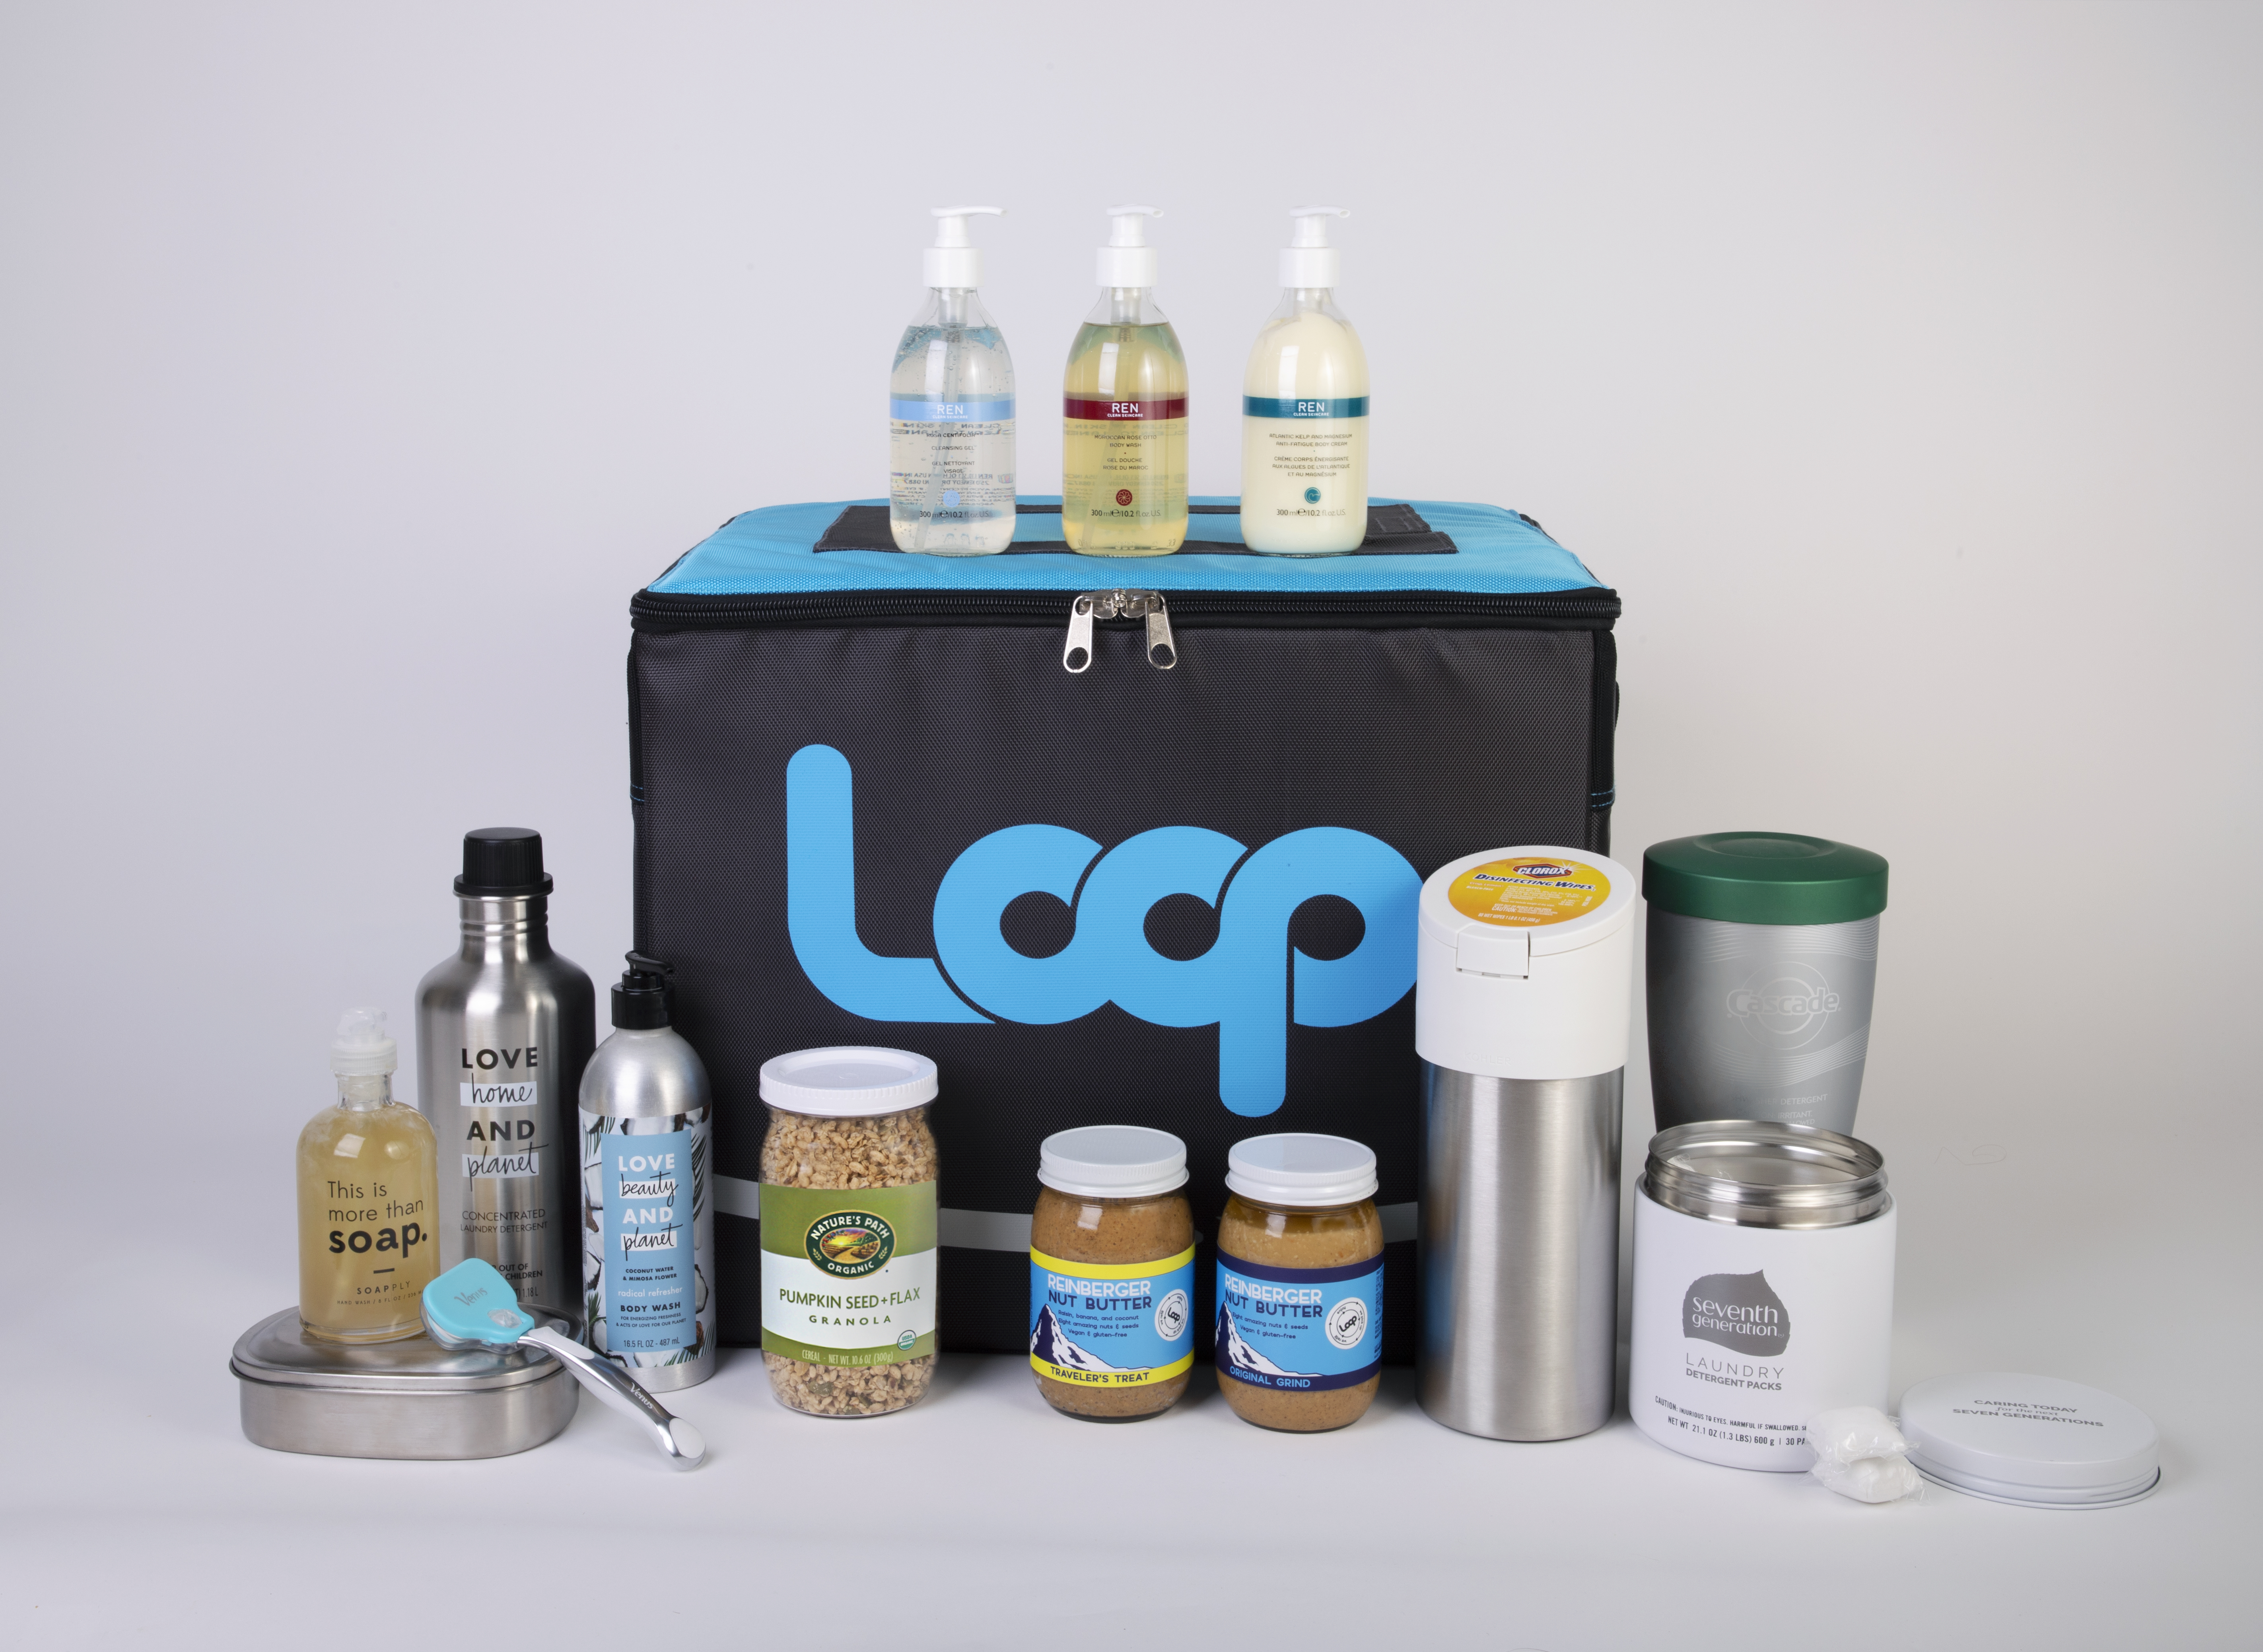 una selección de paquetes recargables Loop